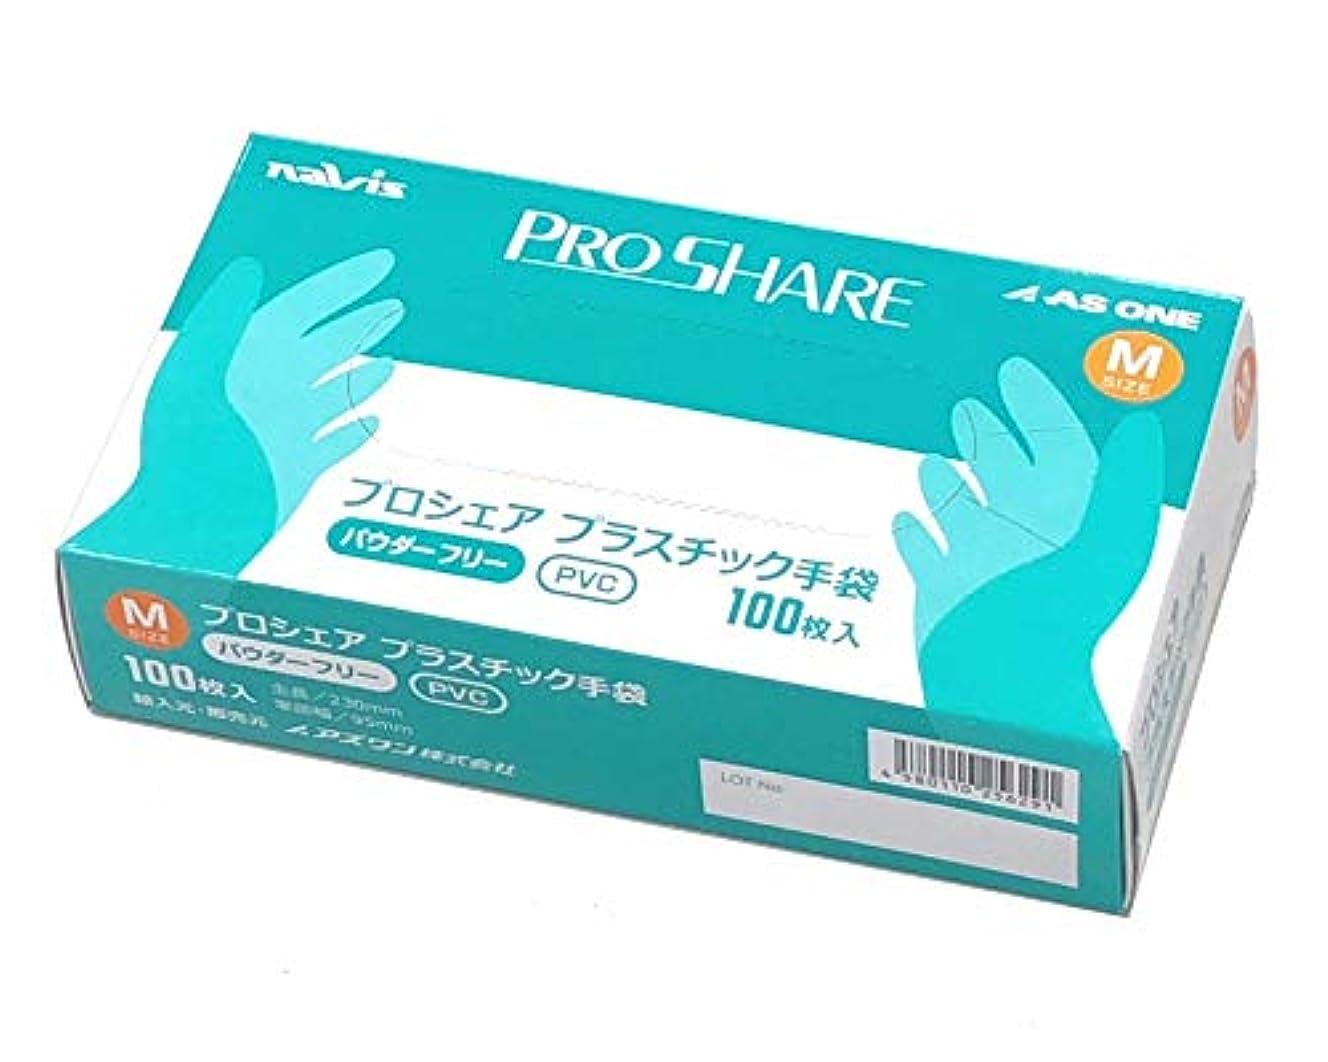 ひねりマングル新しさナビス プロシェア 使い捨て プラスチック手袋 パウダー無 M 1箱(100枚入) / 8-9569-02